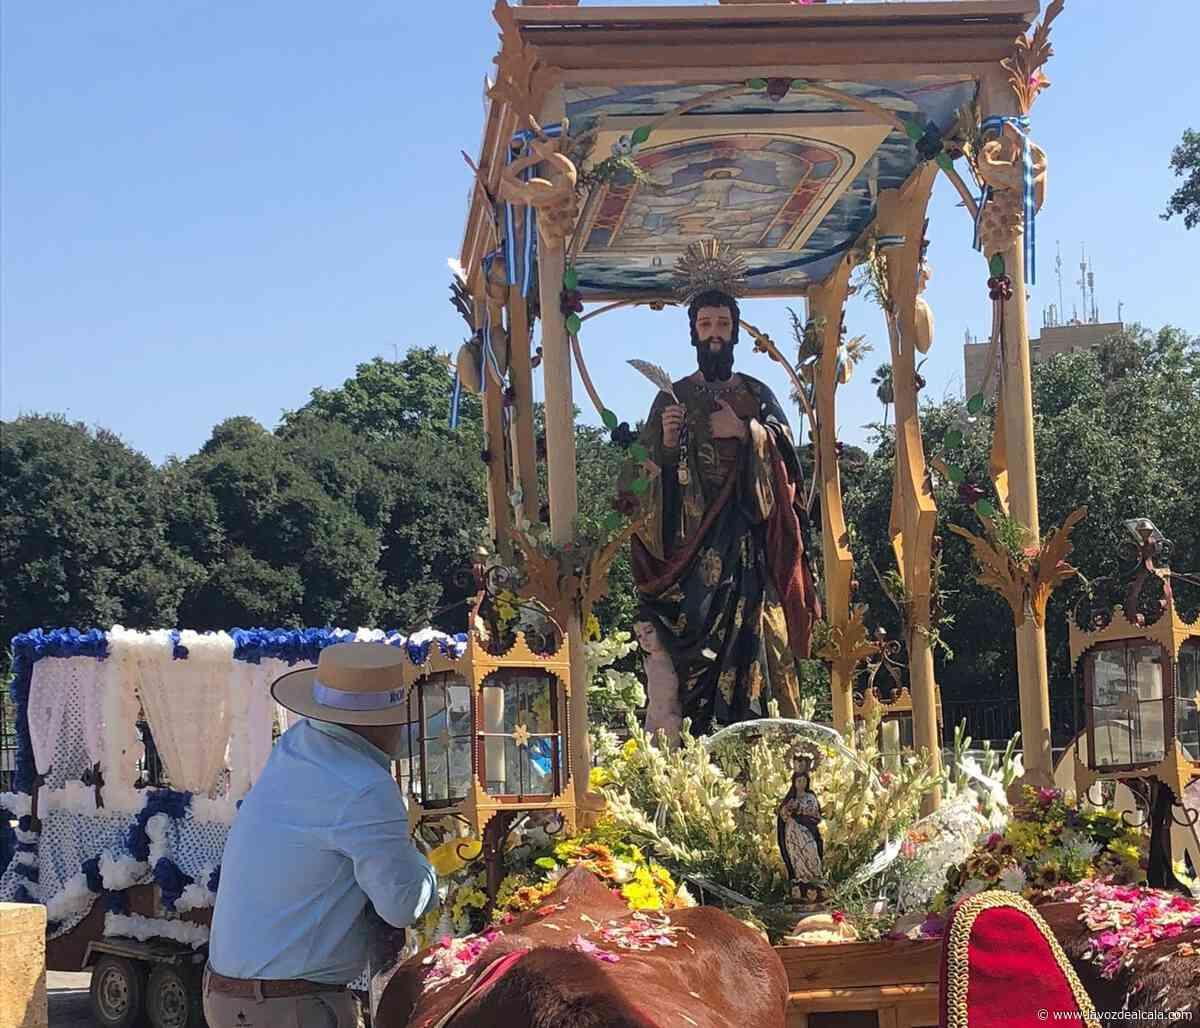 San Mateo prepara la celebración del 775 aniversario del patrón de Alcalá - La Voz de Alcalá